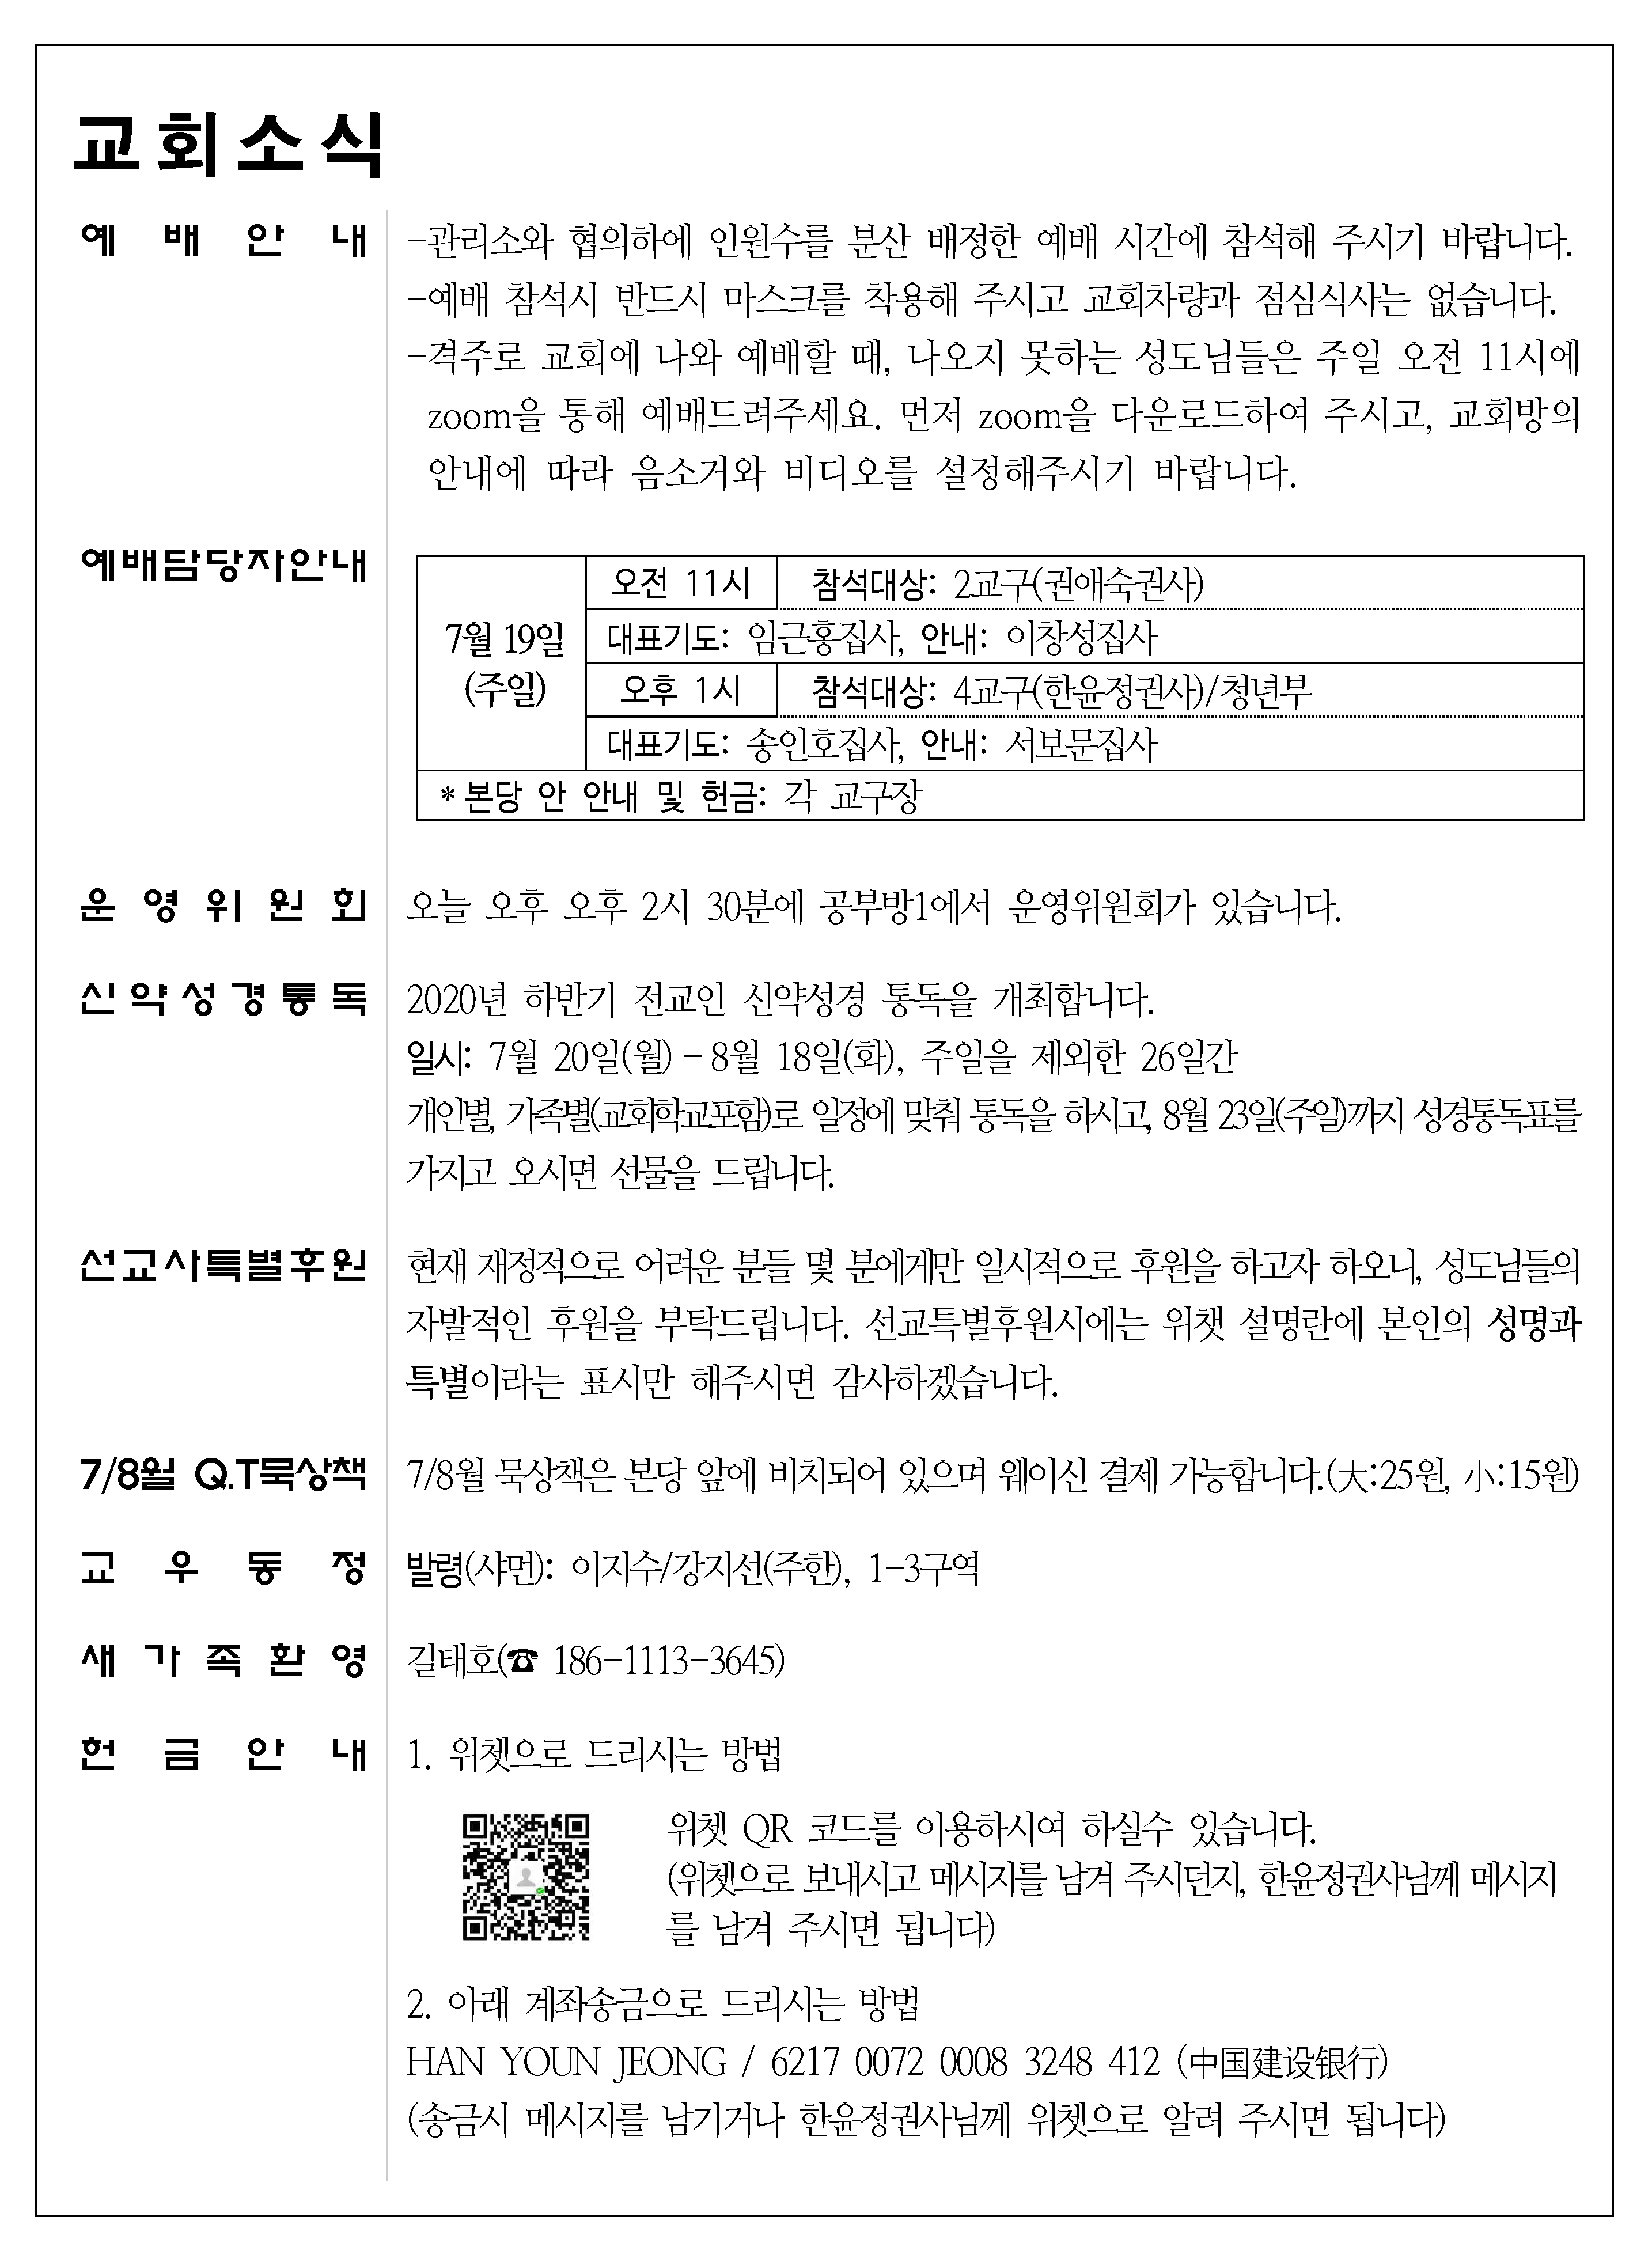 2020-7-12(28)_페이지_1 - 복사본.png